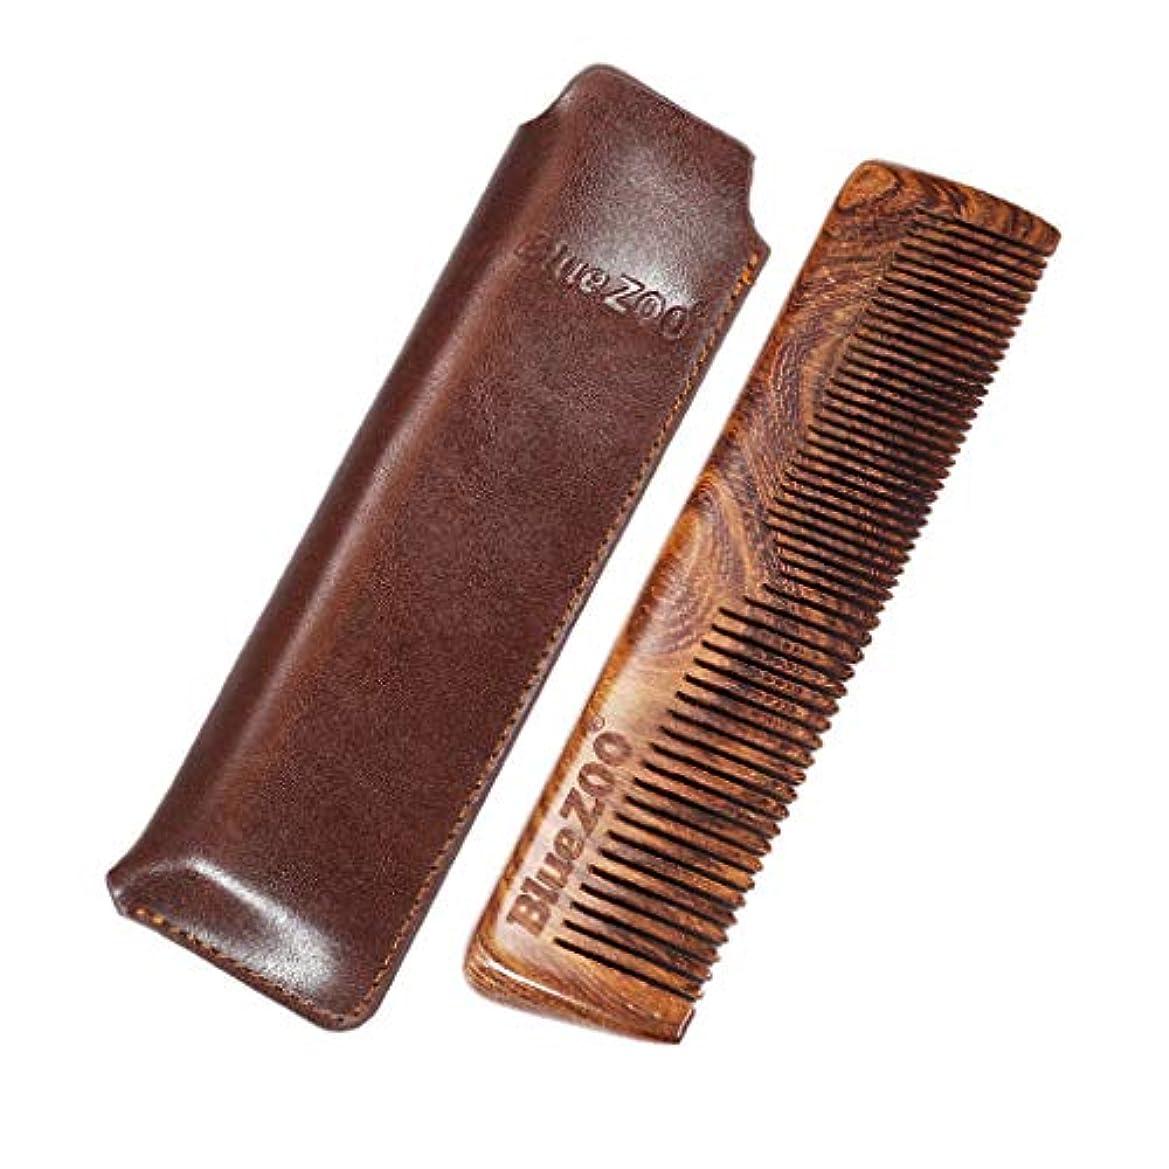 者スペルネクタイ木製 ひげ櫛 PUバッグ 木製櫛 口ひげ ヘアブラシ 2色選べ - 褐色